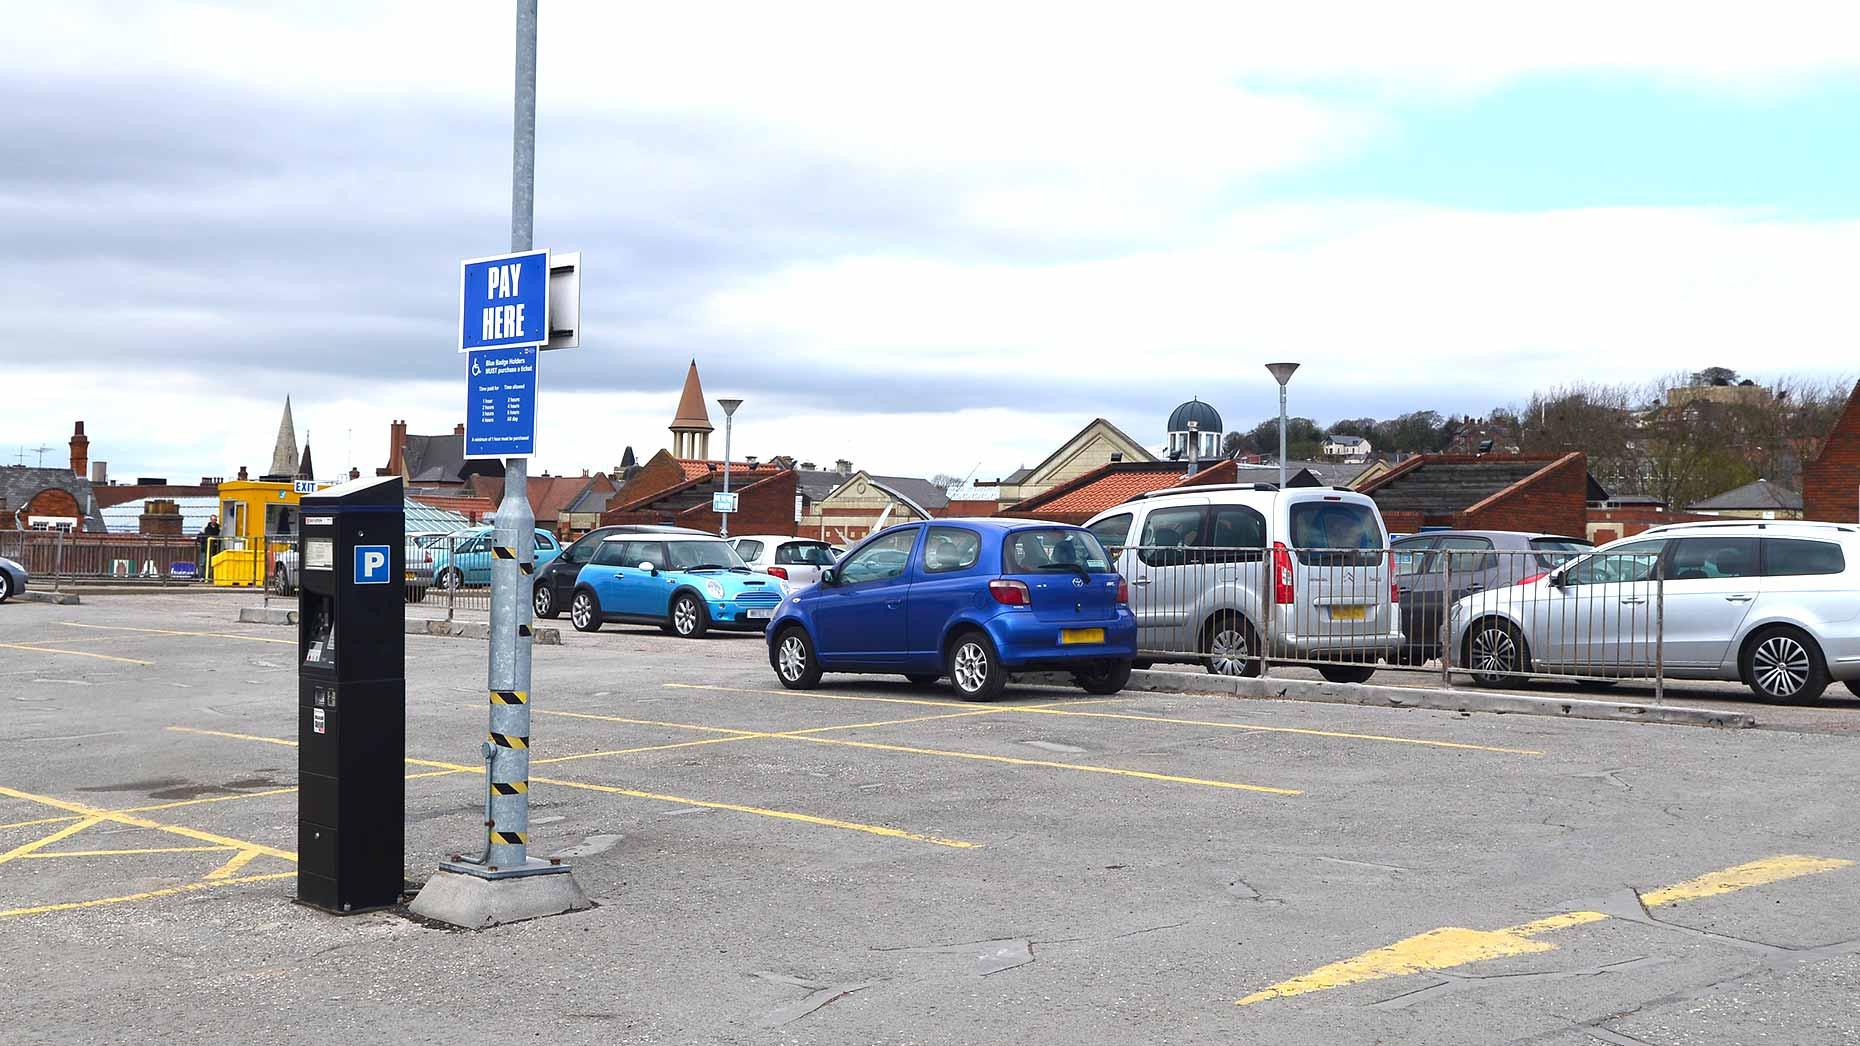 Westgate  Car Park Lincoln